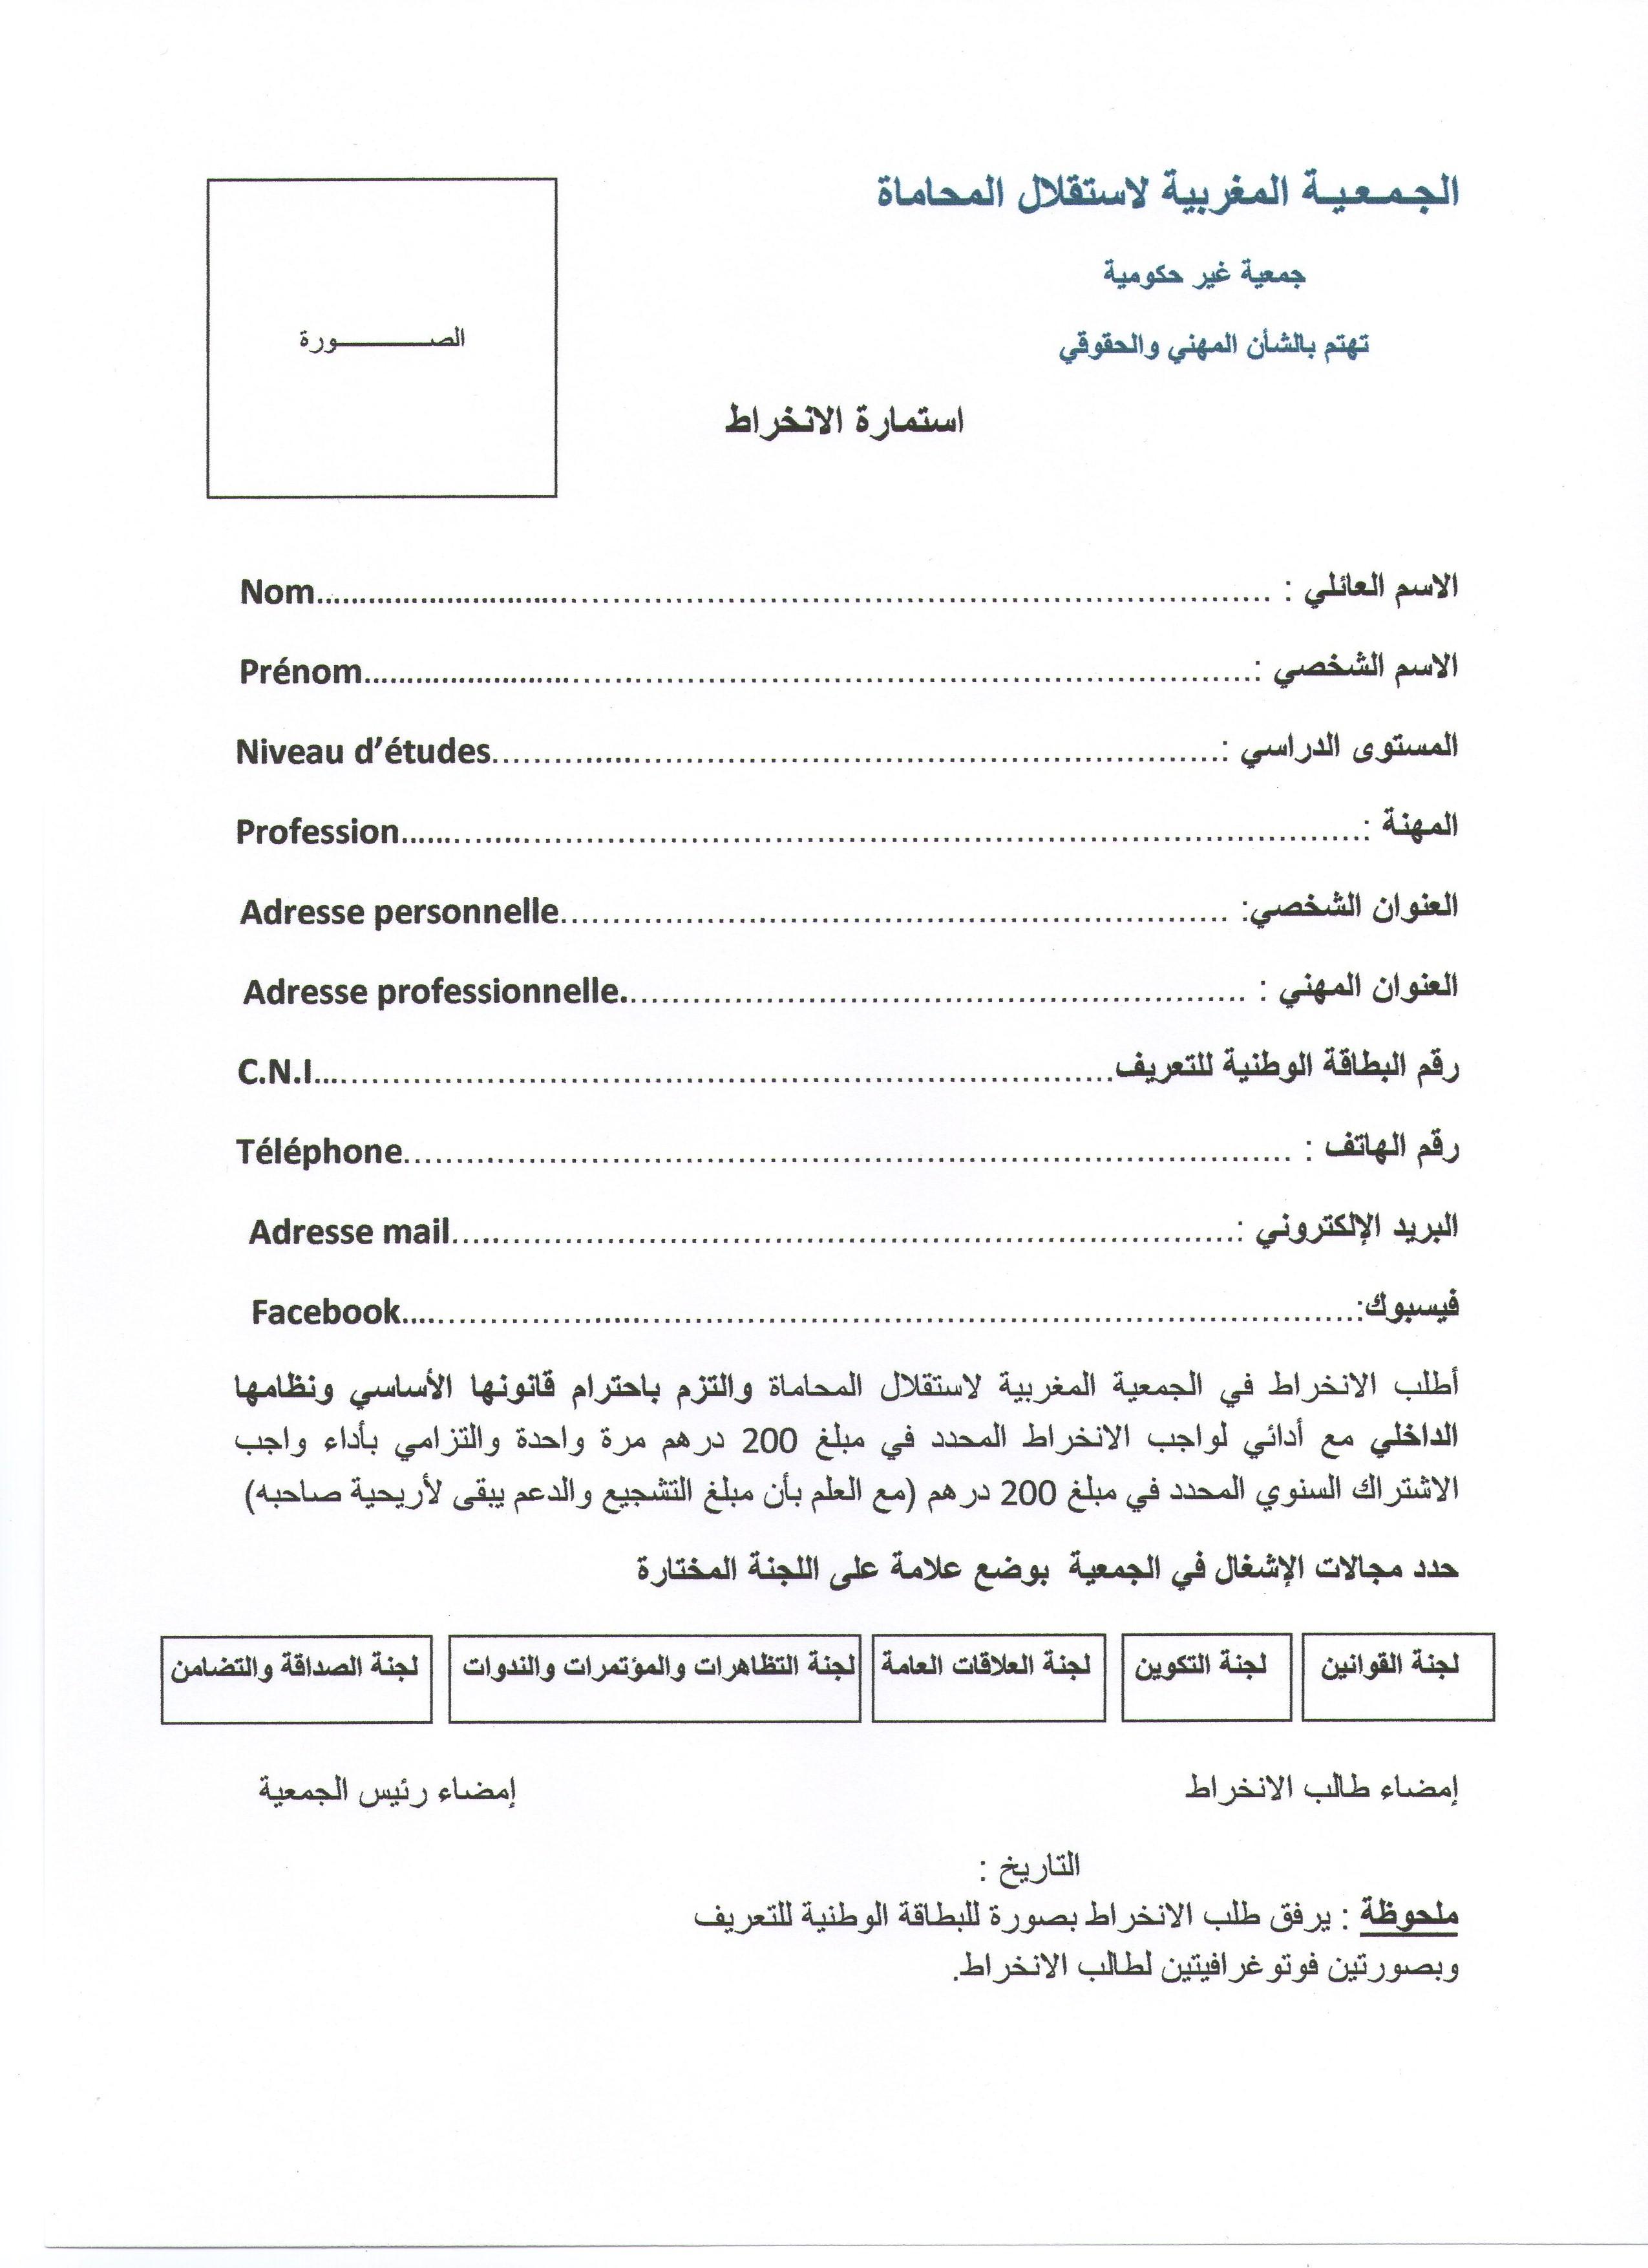 """تأسيس """"الجمعية المغربية لاستقلال المحاماة"""" برئاسة الأستاذ خالد خالص + إستمارة الإنخراط"""